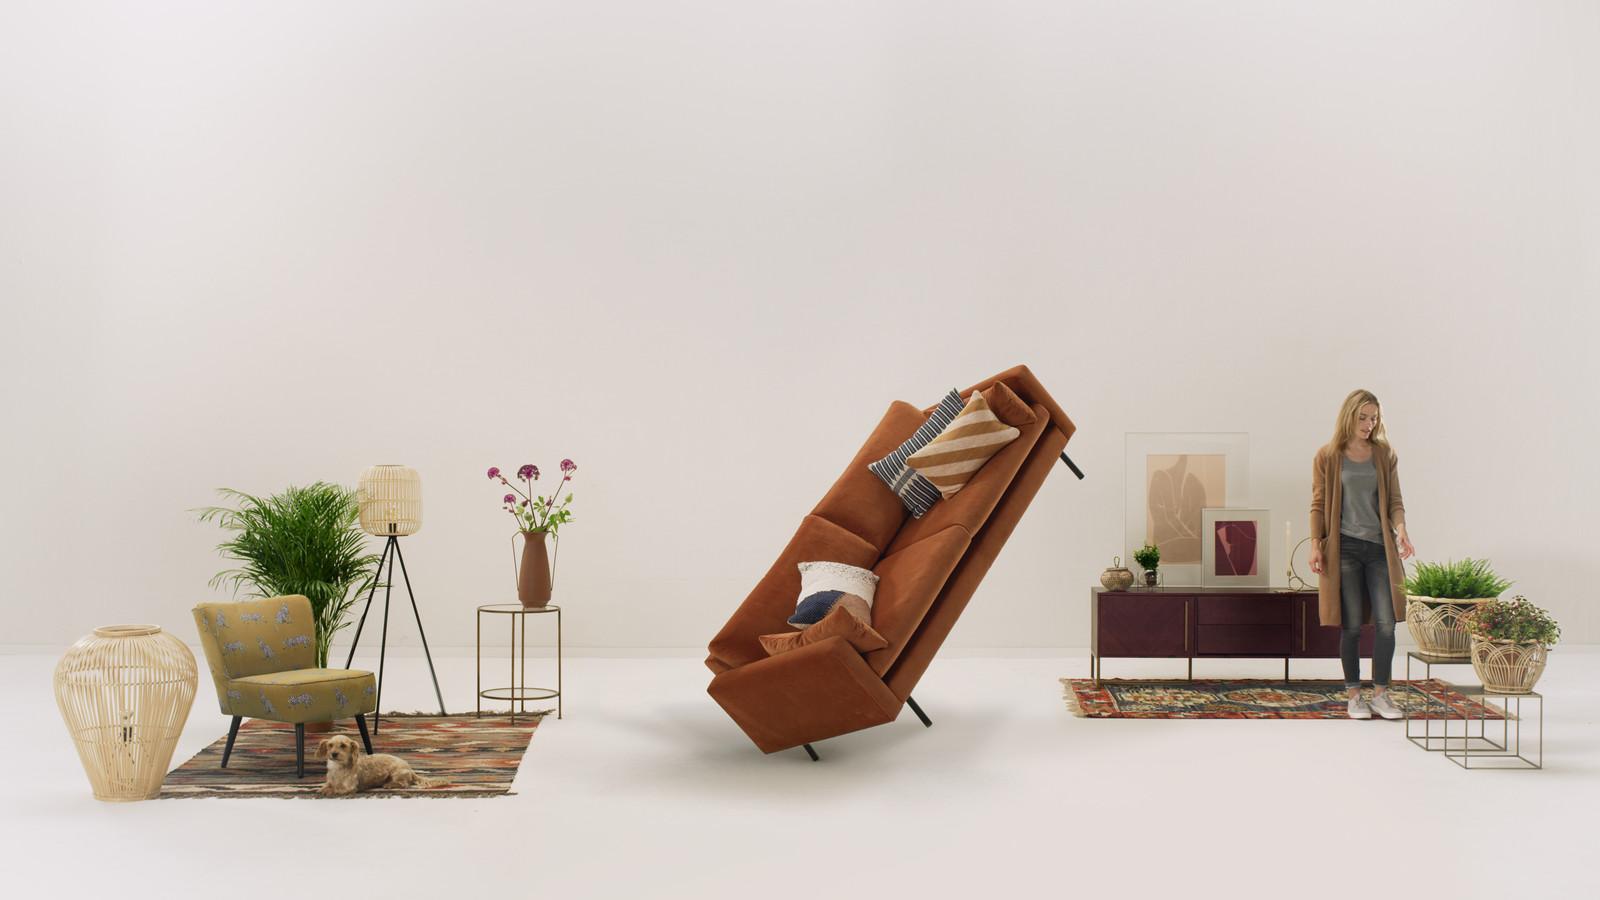 Still uit een Wehkamp-reclame waarin meubels door de woonkamer zweven. Het bedrijf wil innovatie en vernieuwing uitstralen en 'de online shopbeleving continu verbeteren'.